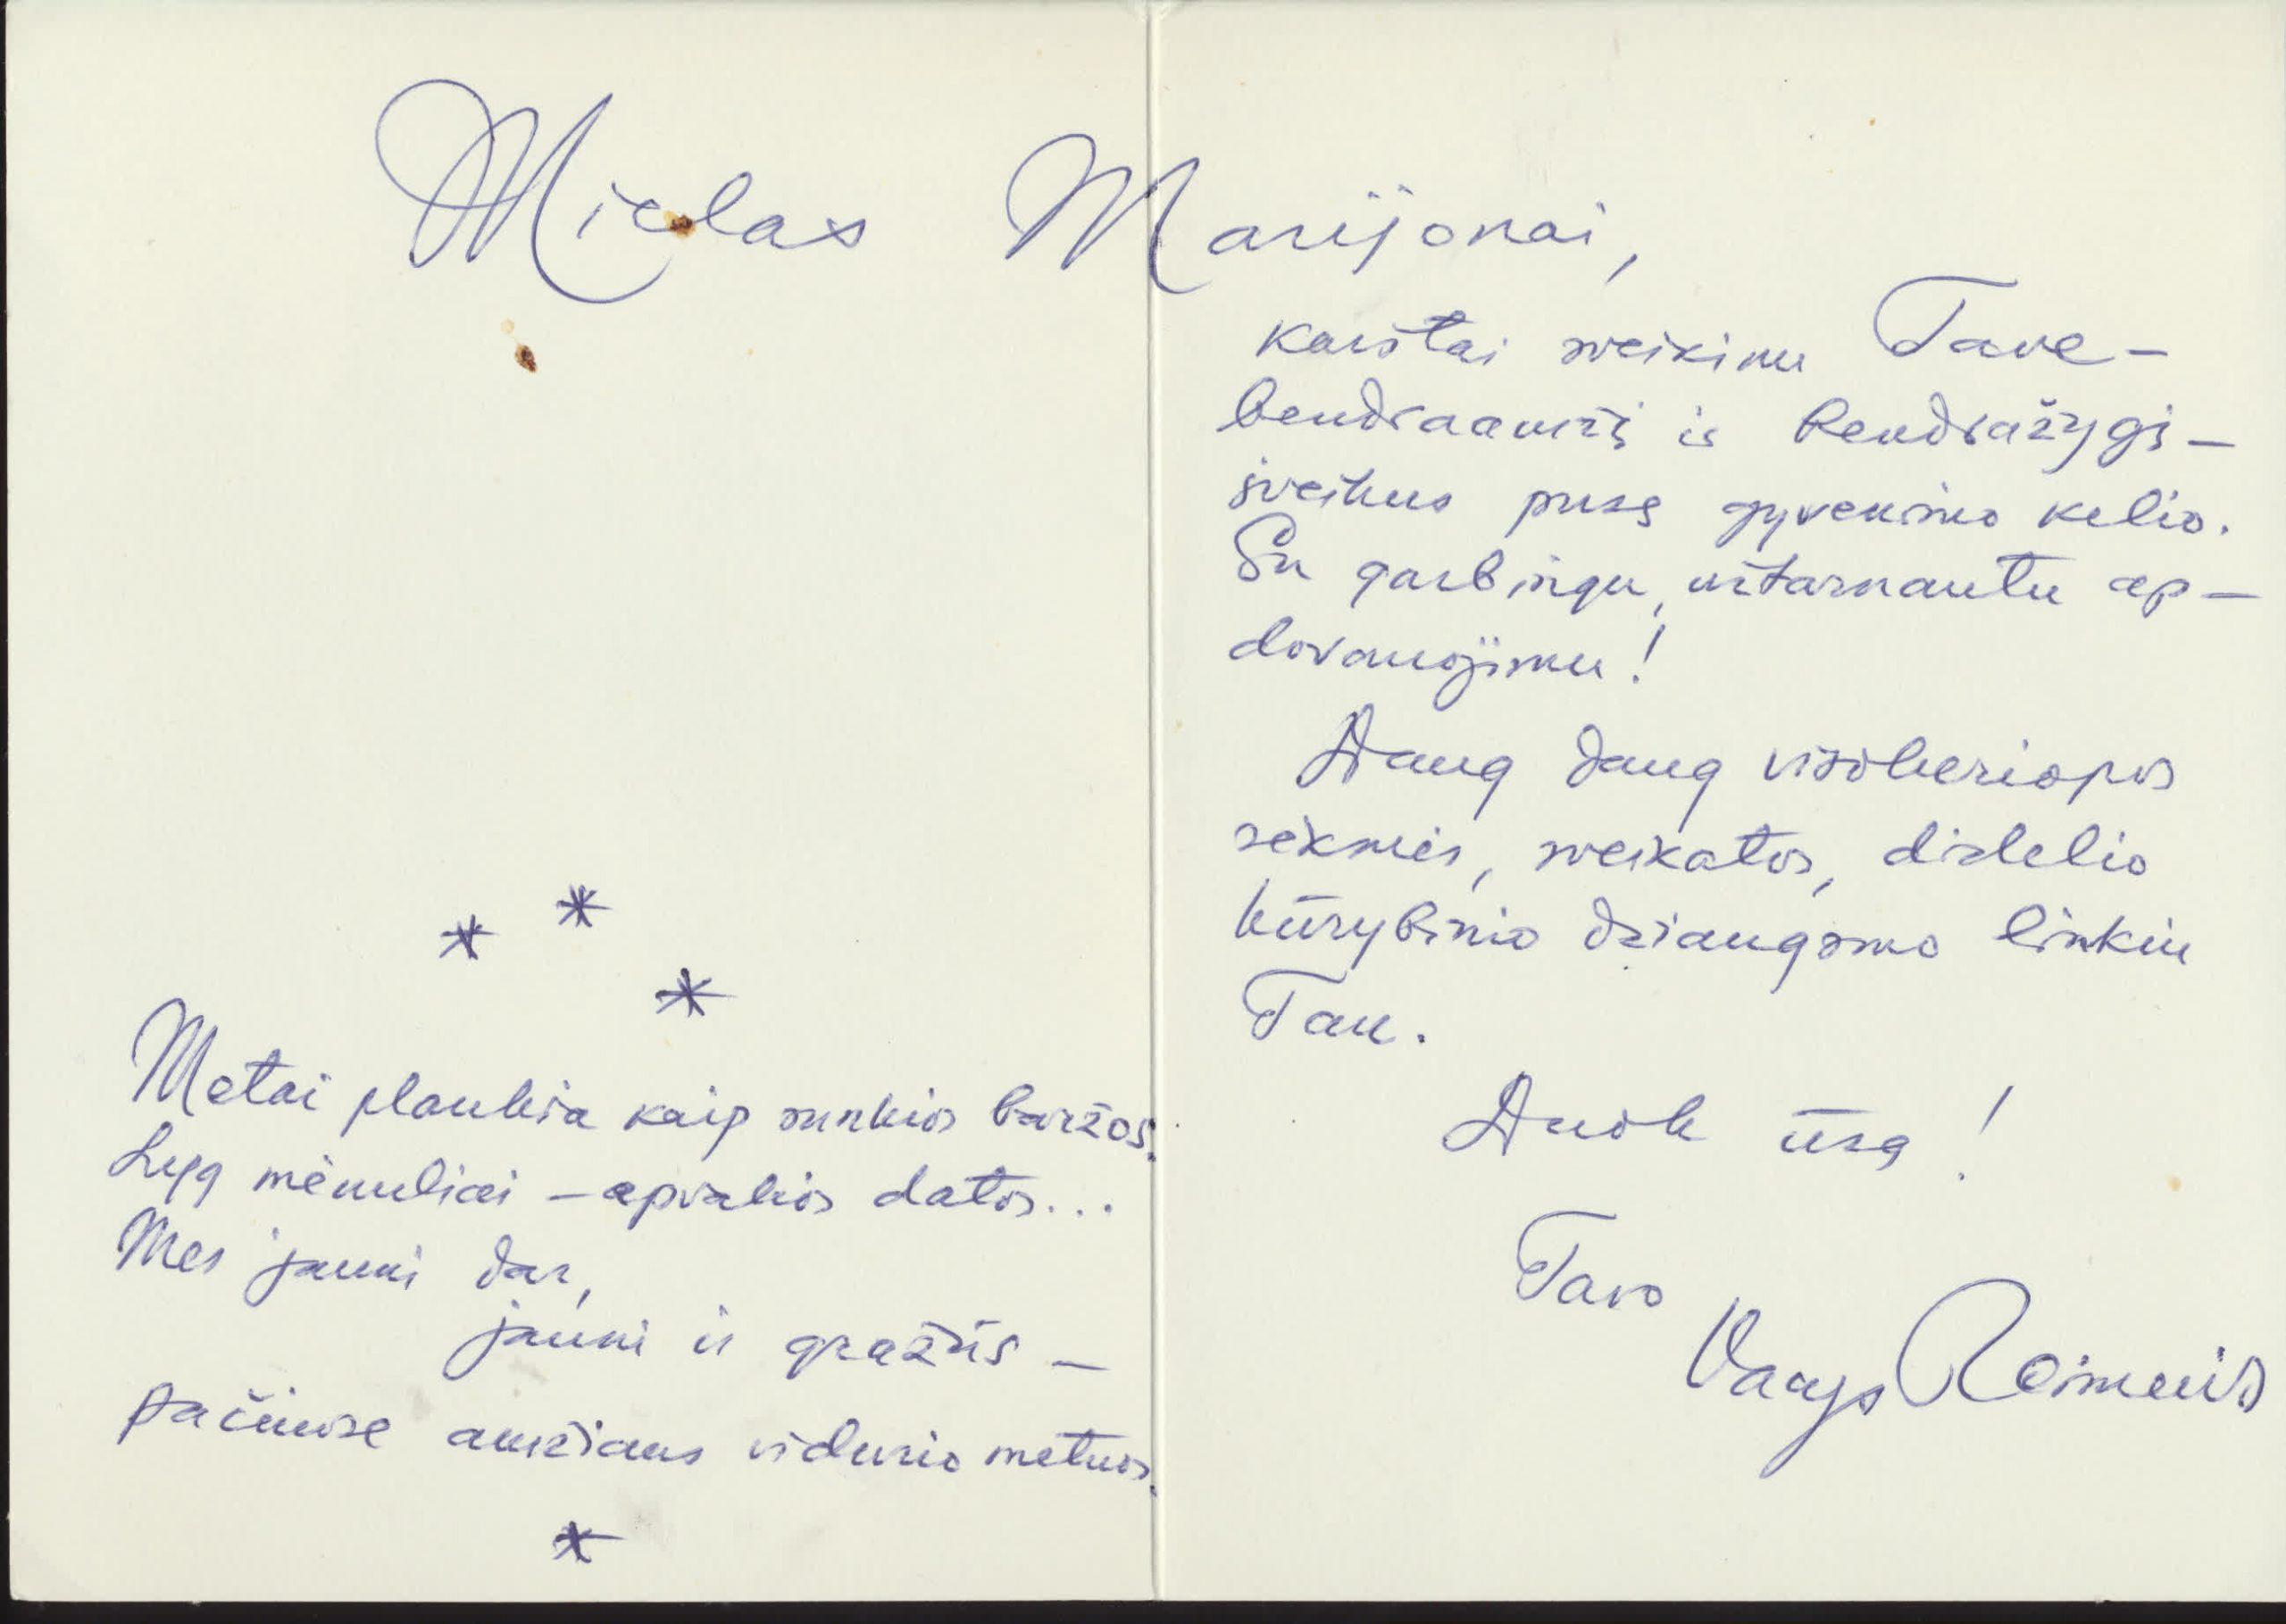 Nuotaikingas V. Reimerio sveikinimas Marijonui Krasauskui (K. Marukui). Vilnius, 1971 05 01